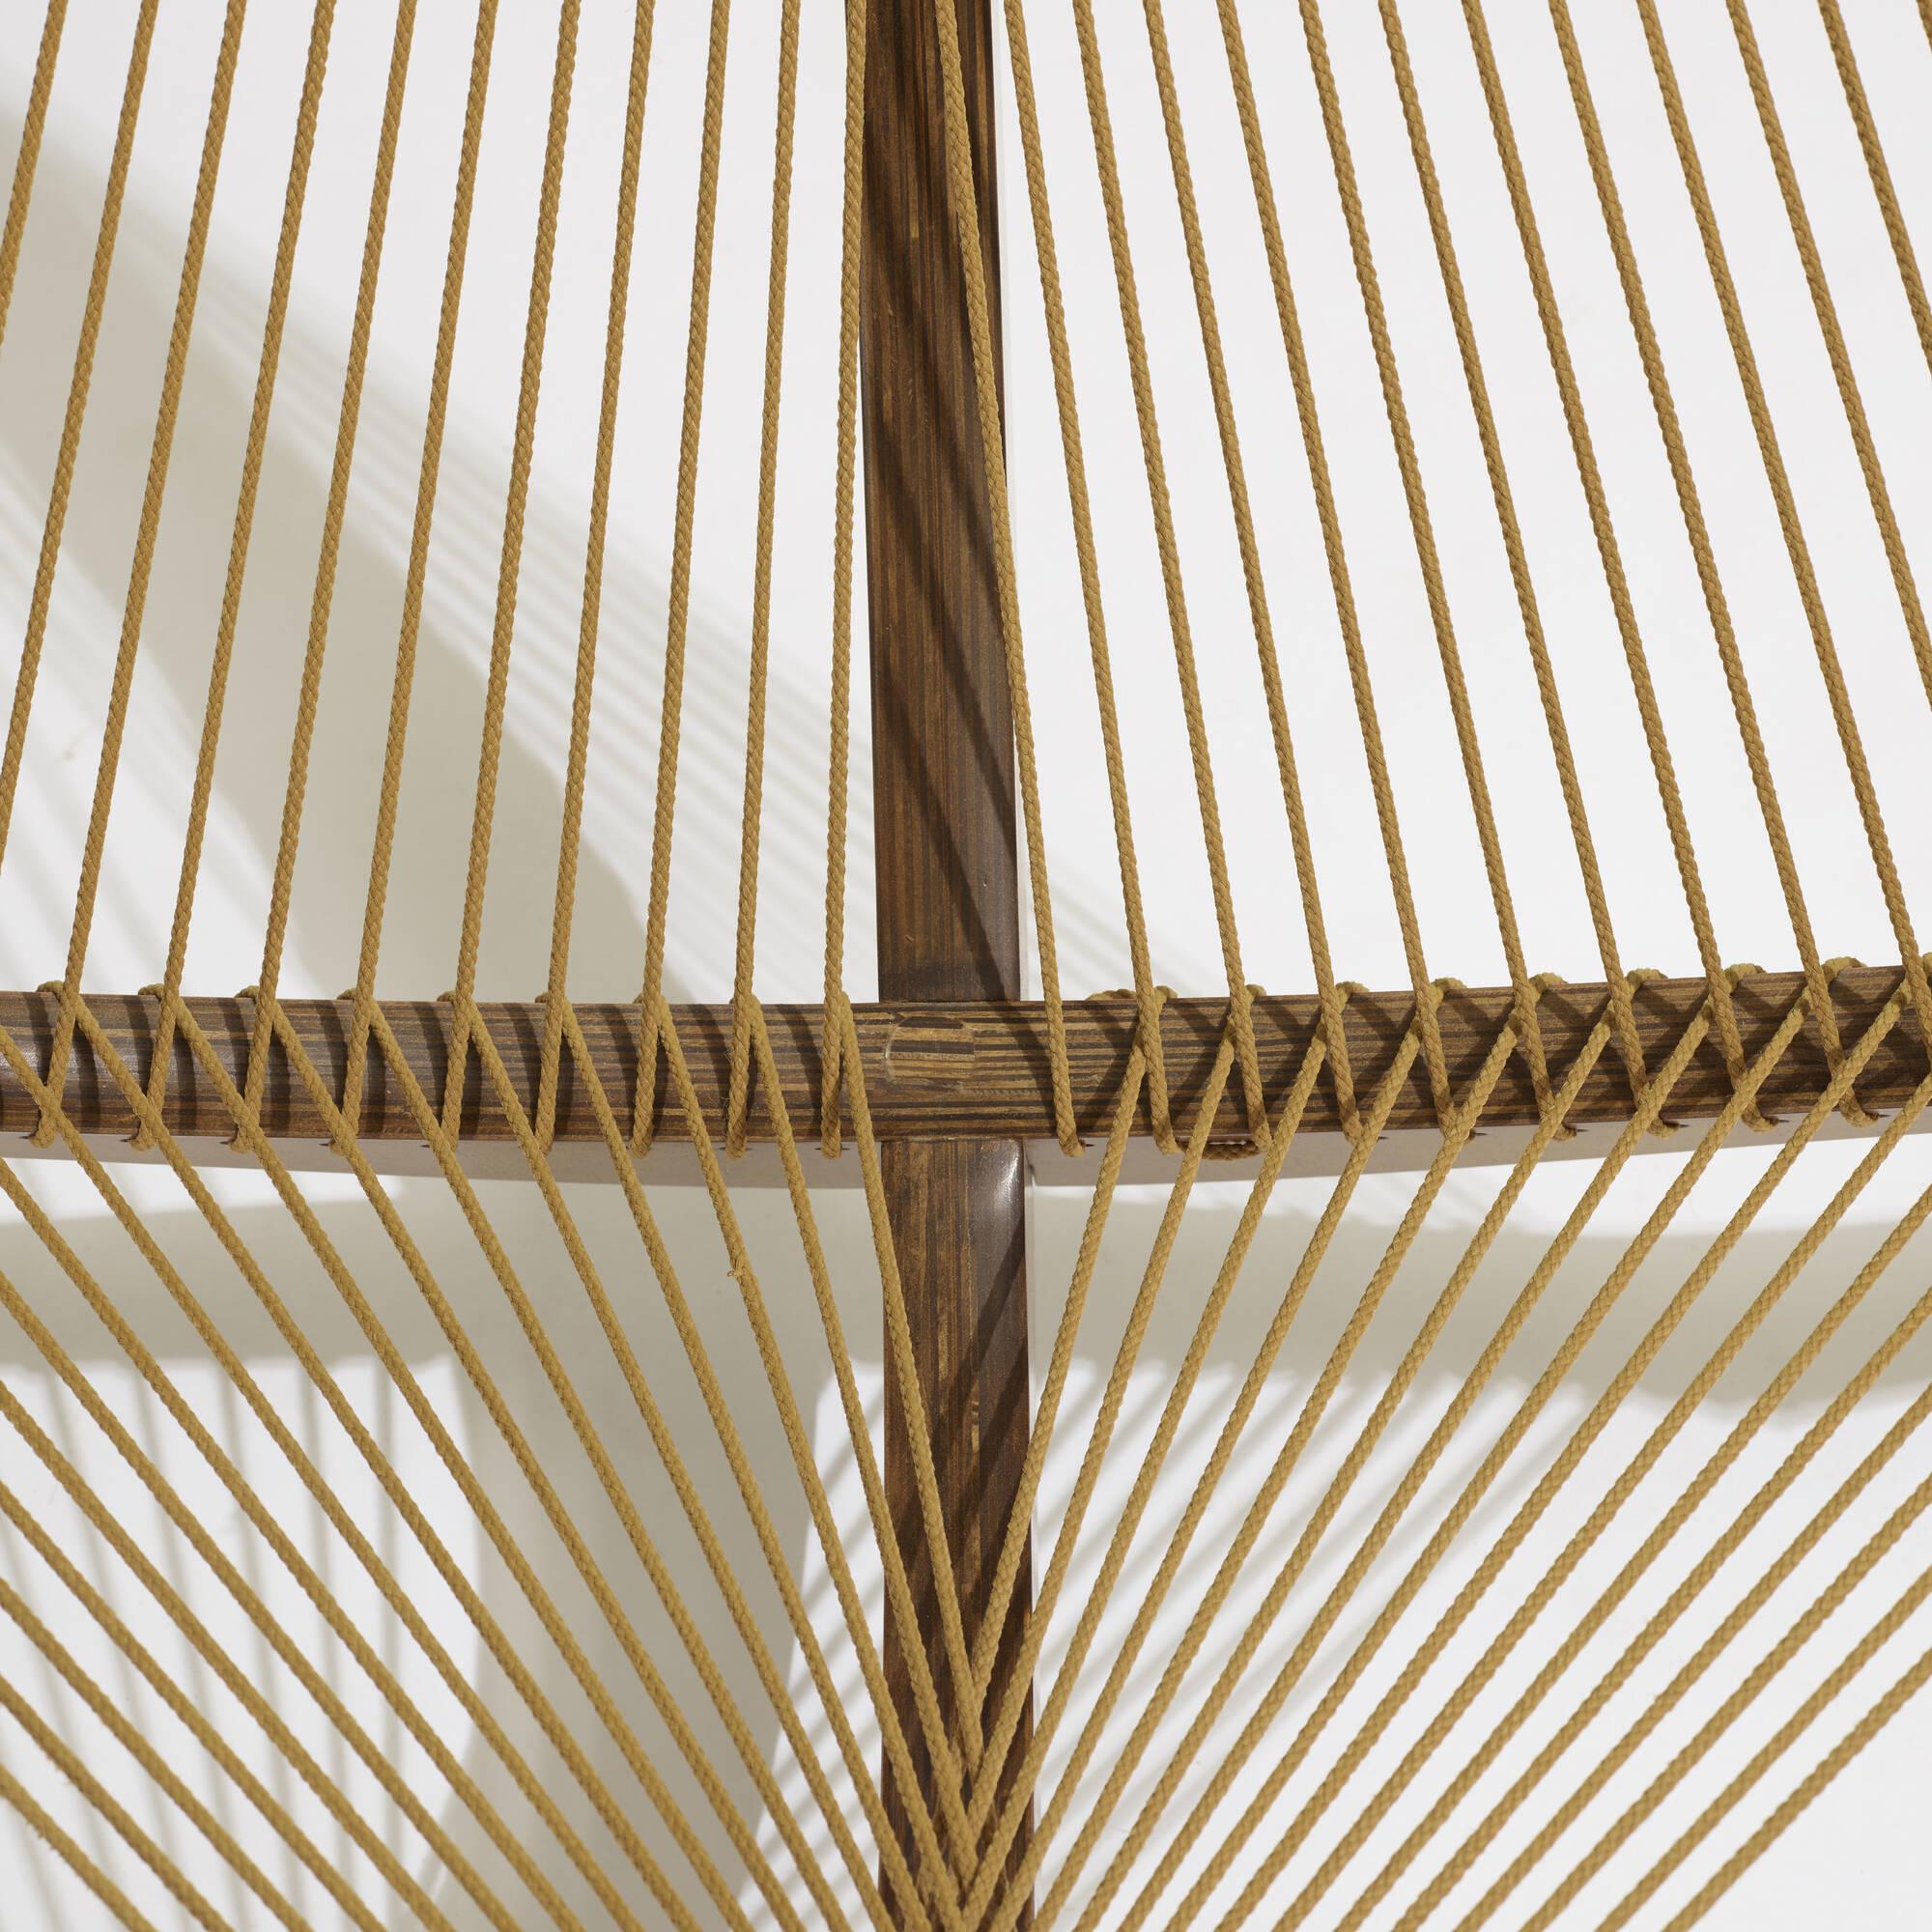 151: Jorgen Hovelskov / Harp chair (5 of 5)